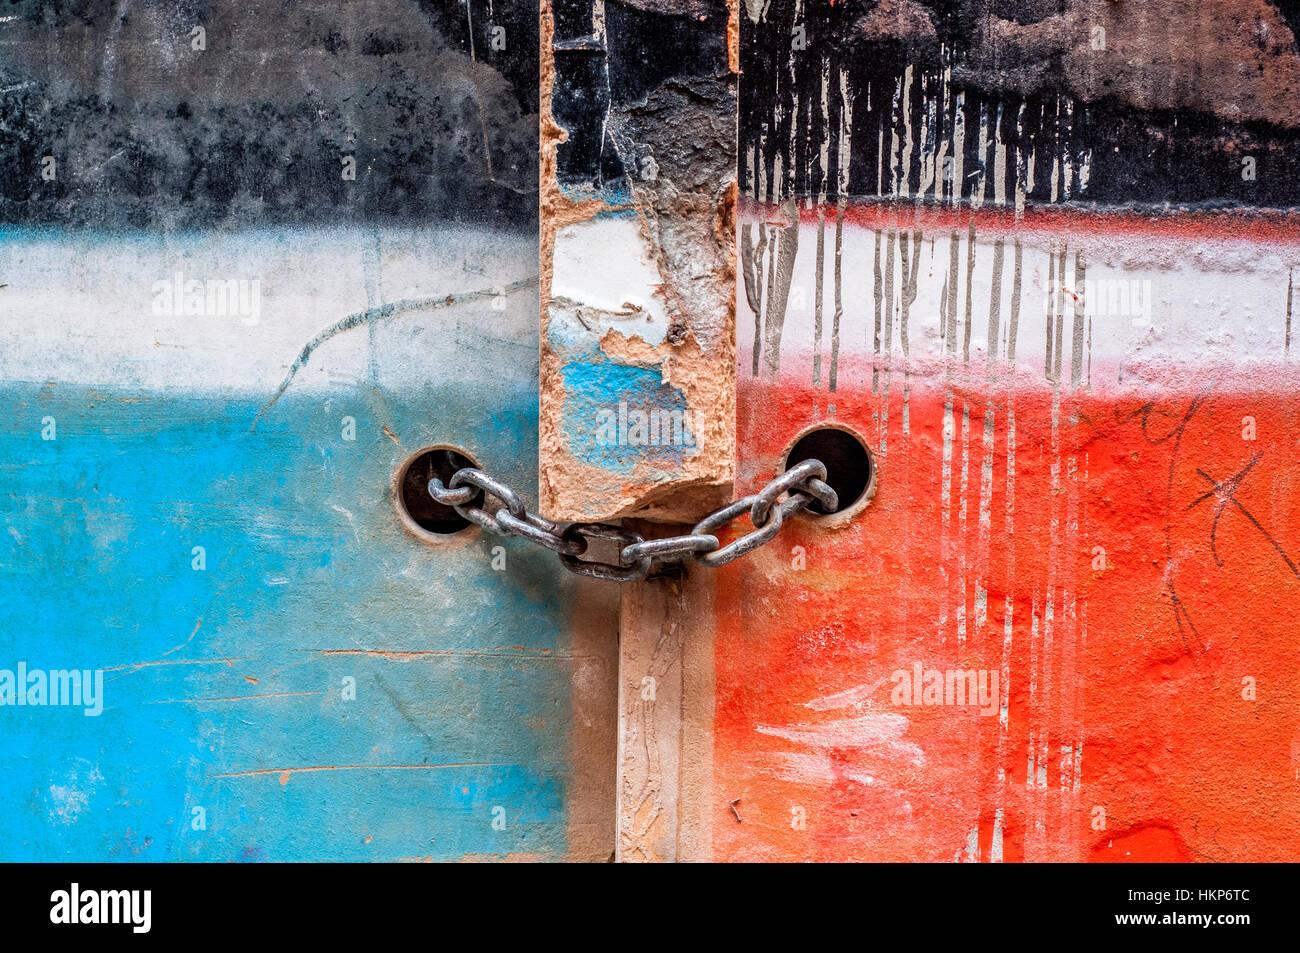 Cadena con candado en una antigua puerta de madera pintada de dos colores, azul y rojo Foto de stock